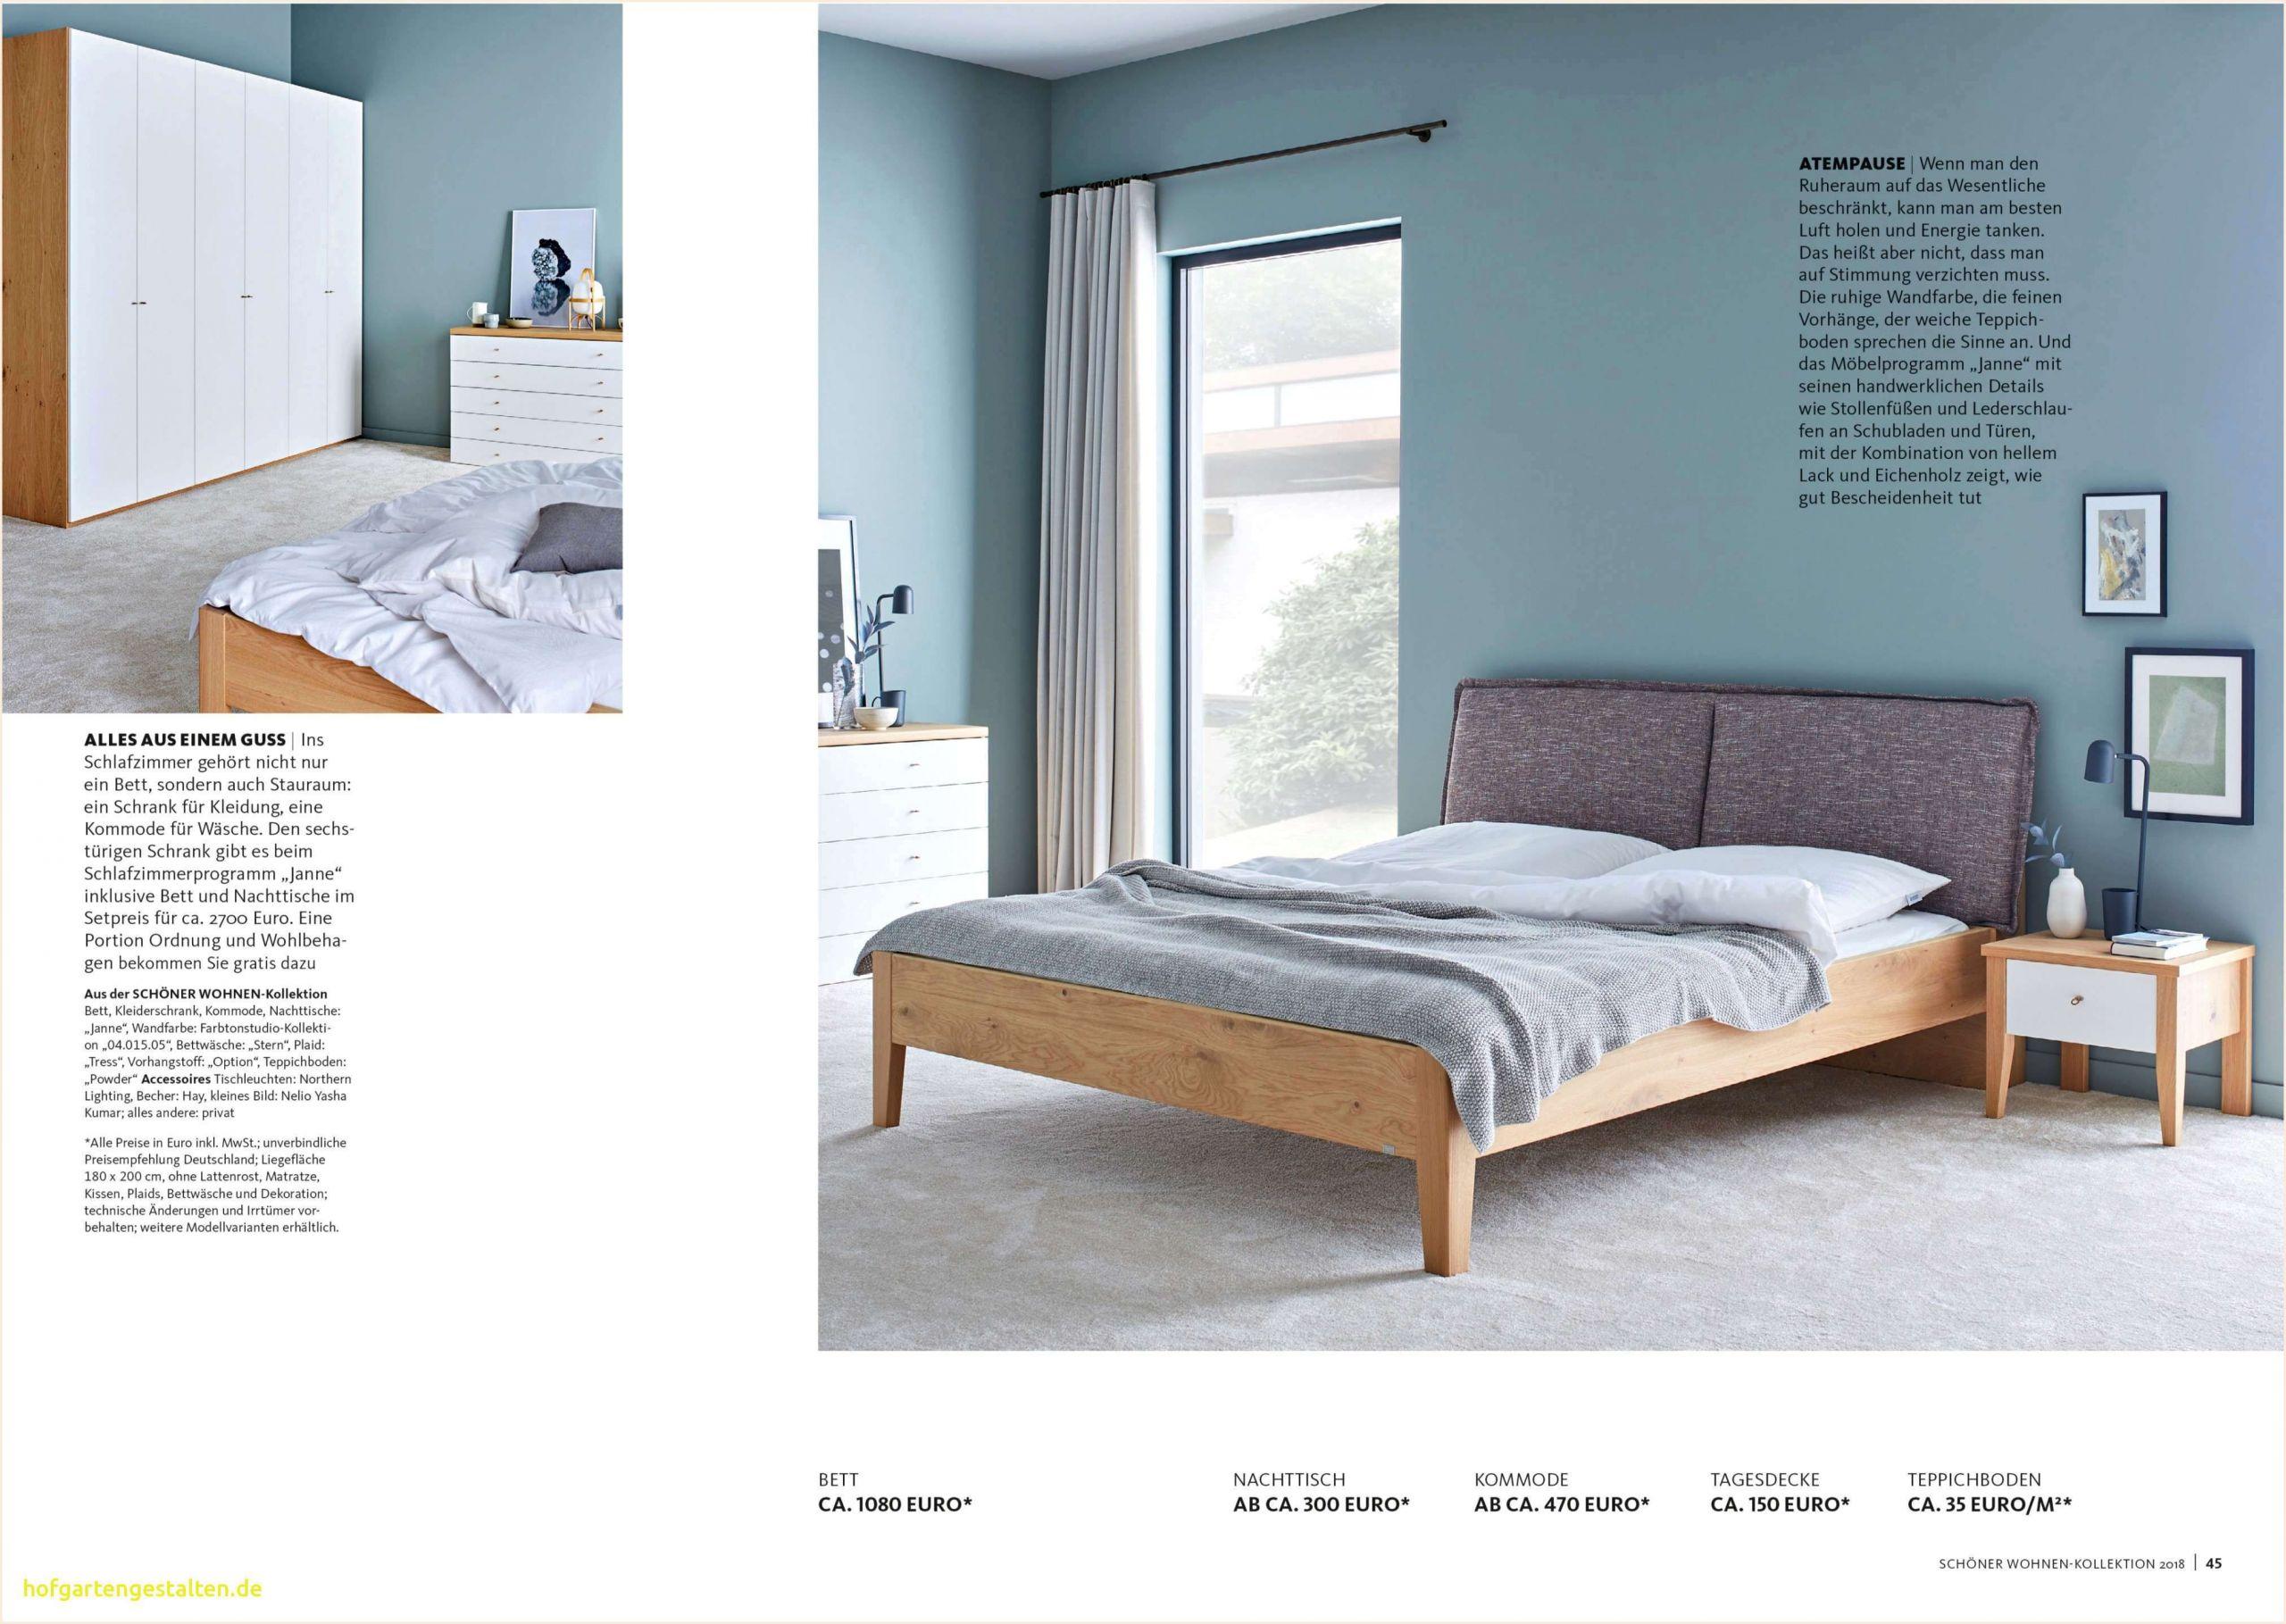 garten lounge mobel metall 42 das beste von gartenmobel sitzecke bilder of garten lounge mobel metall 1